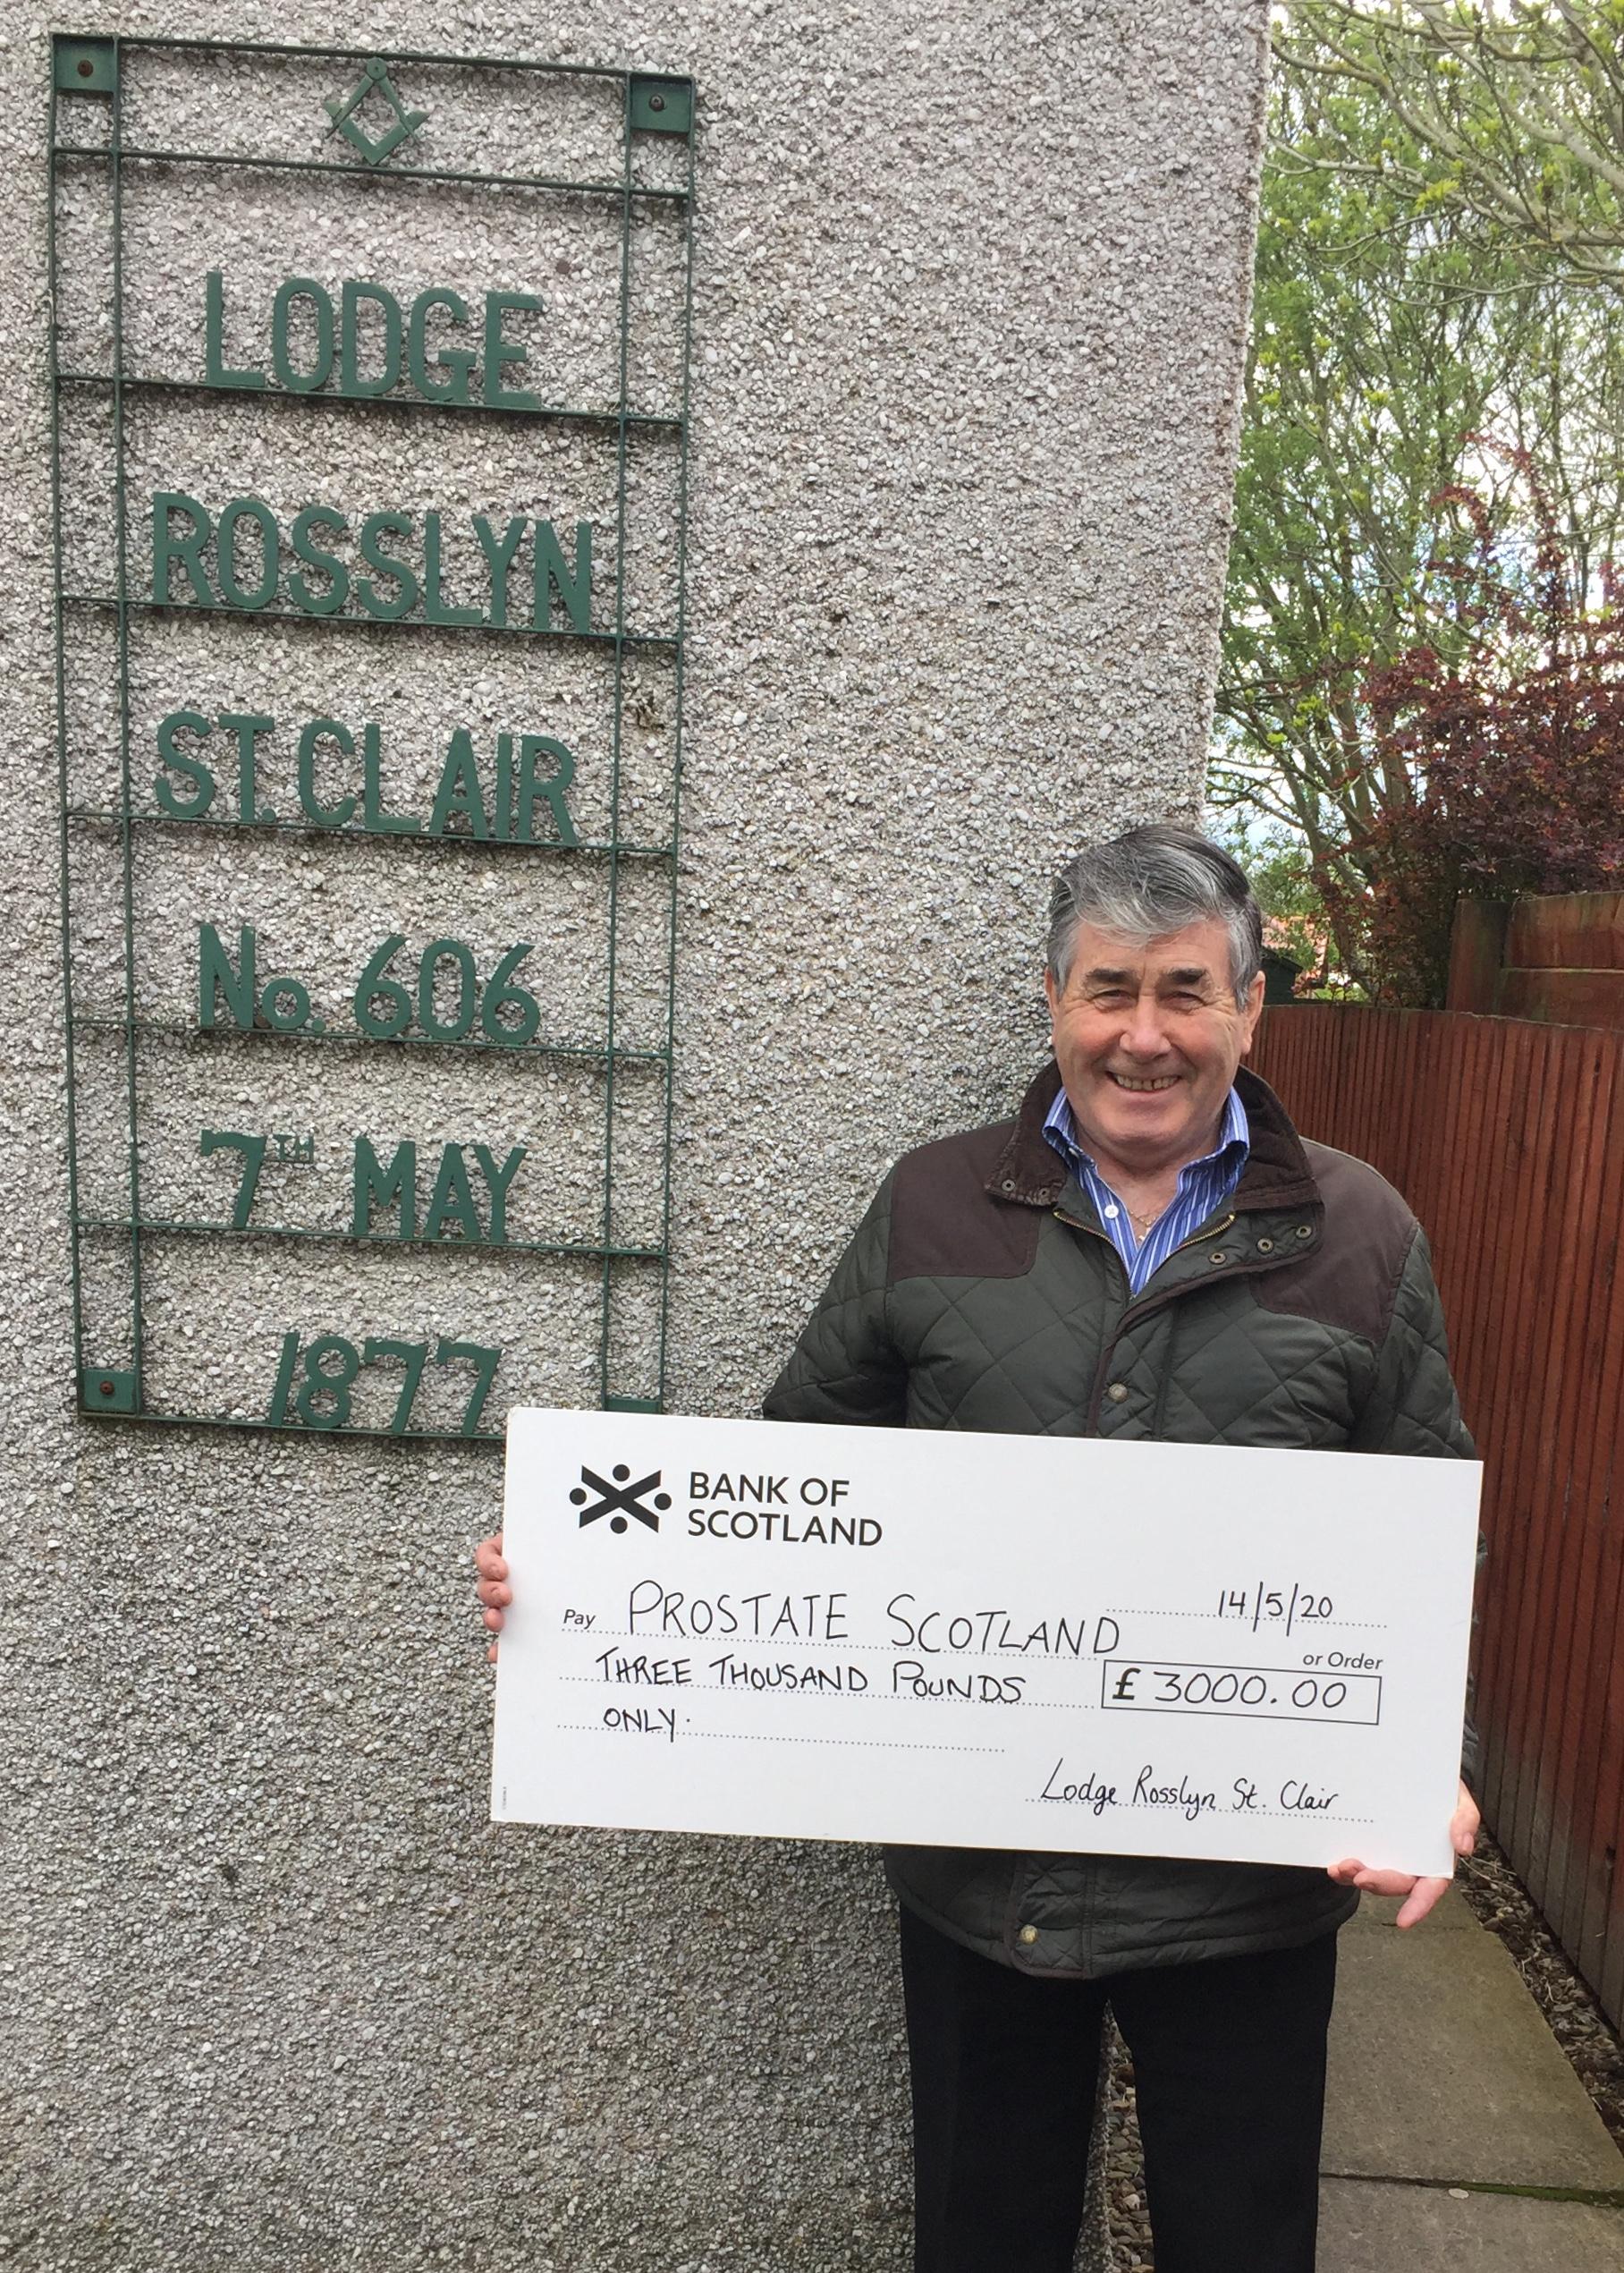 Alex Barrett presenting cheque to Prostate Scotland